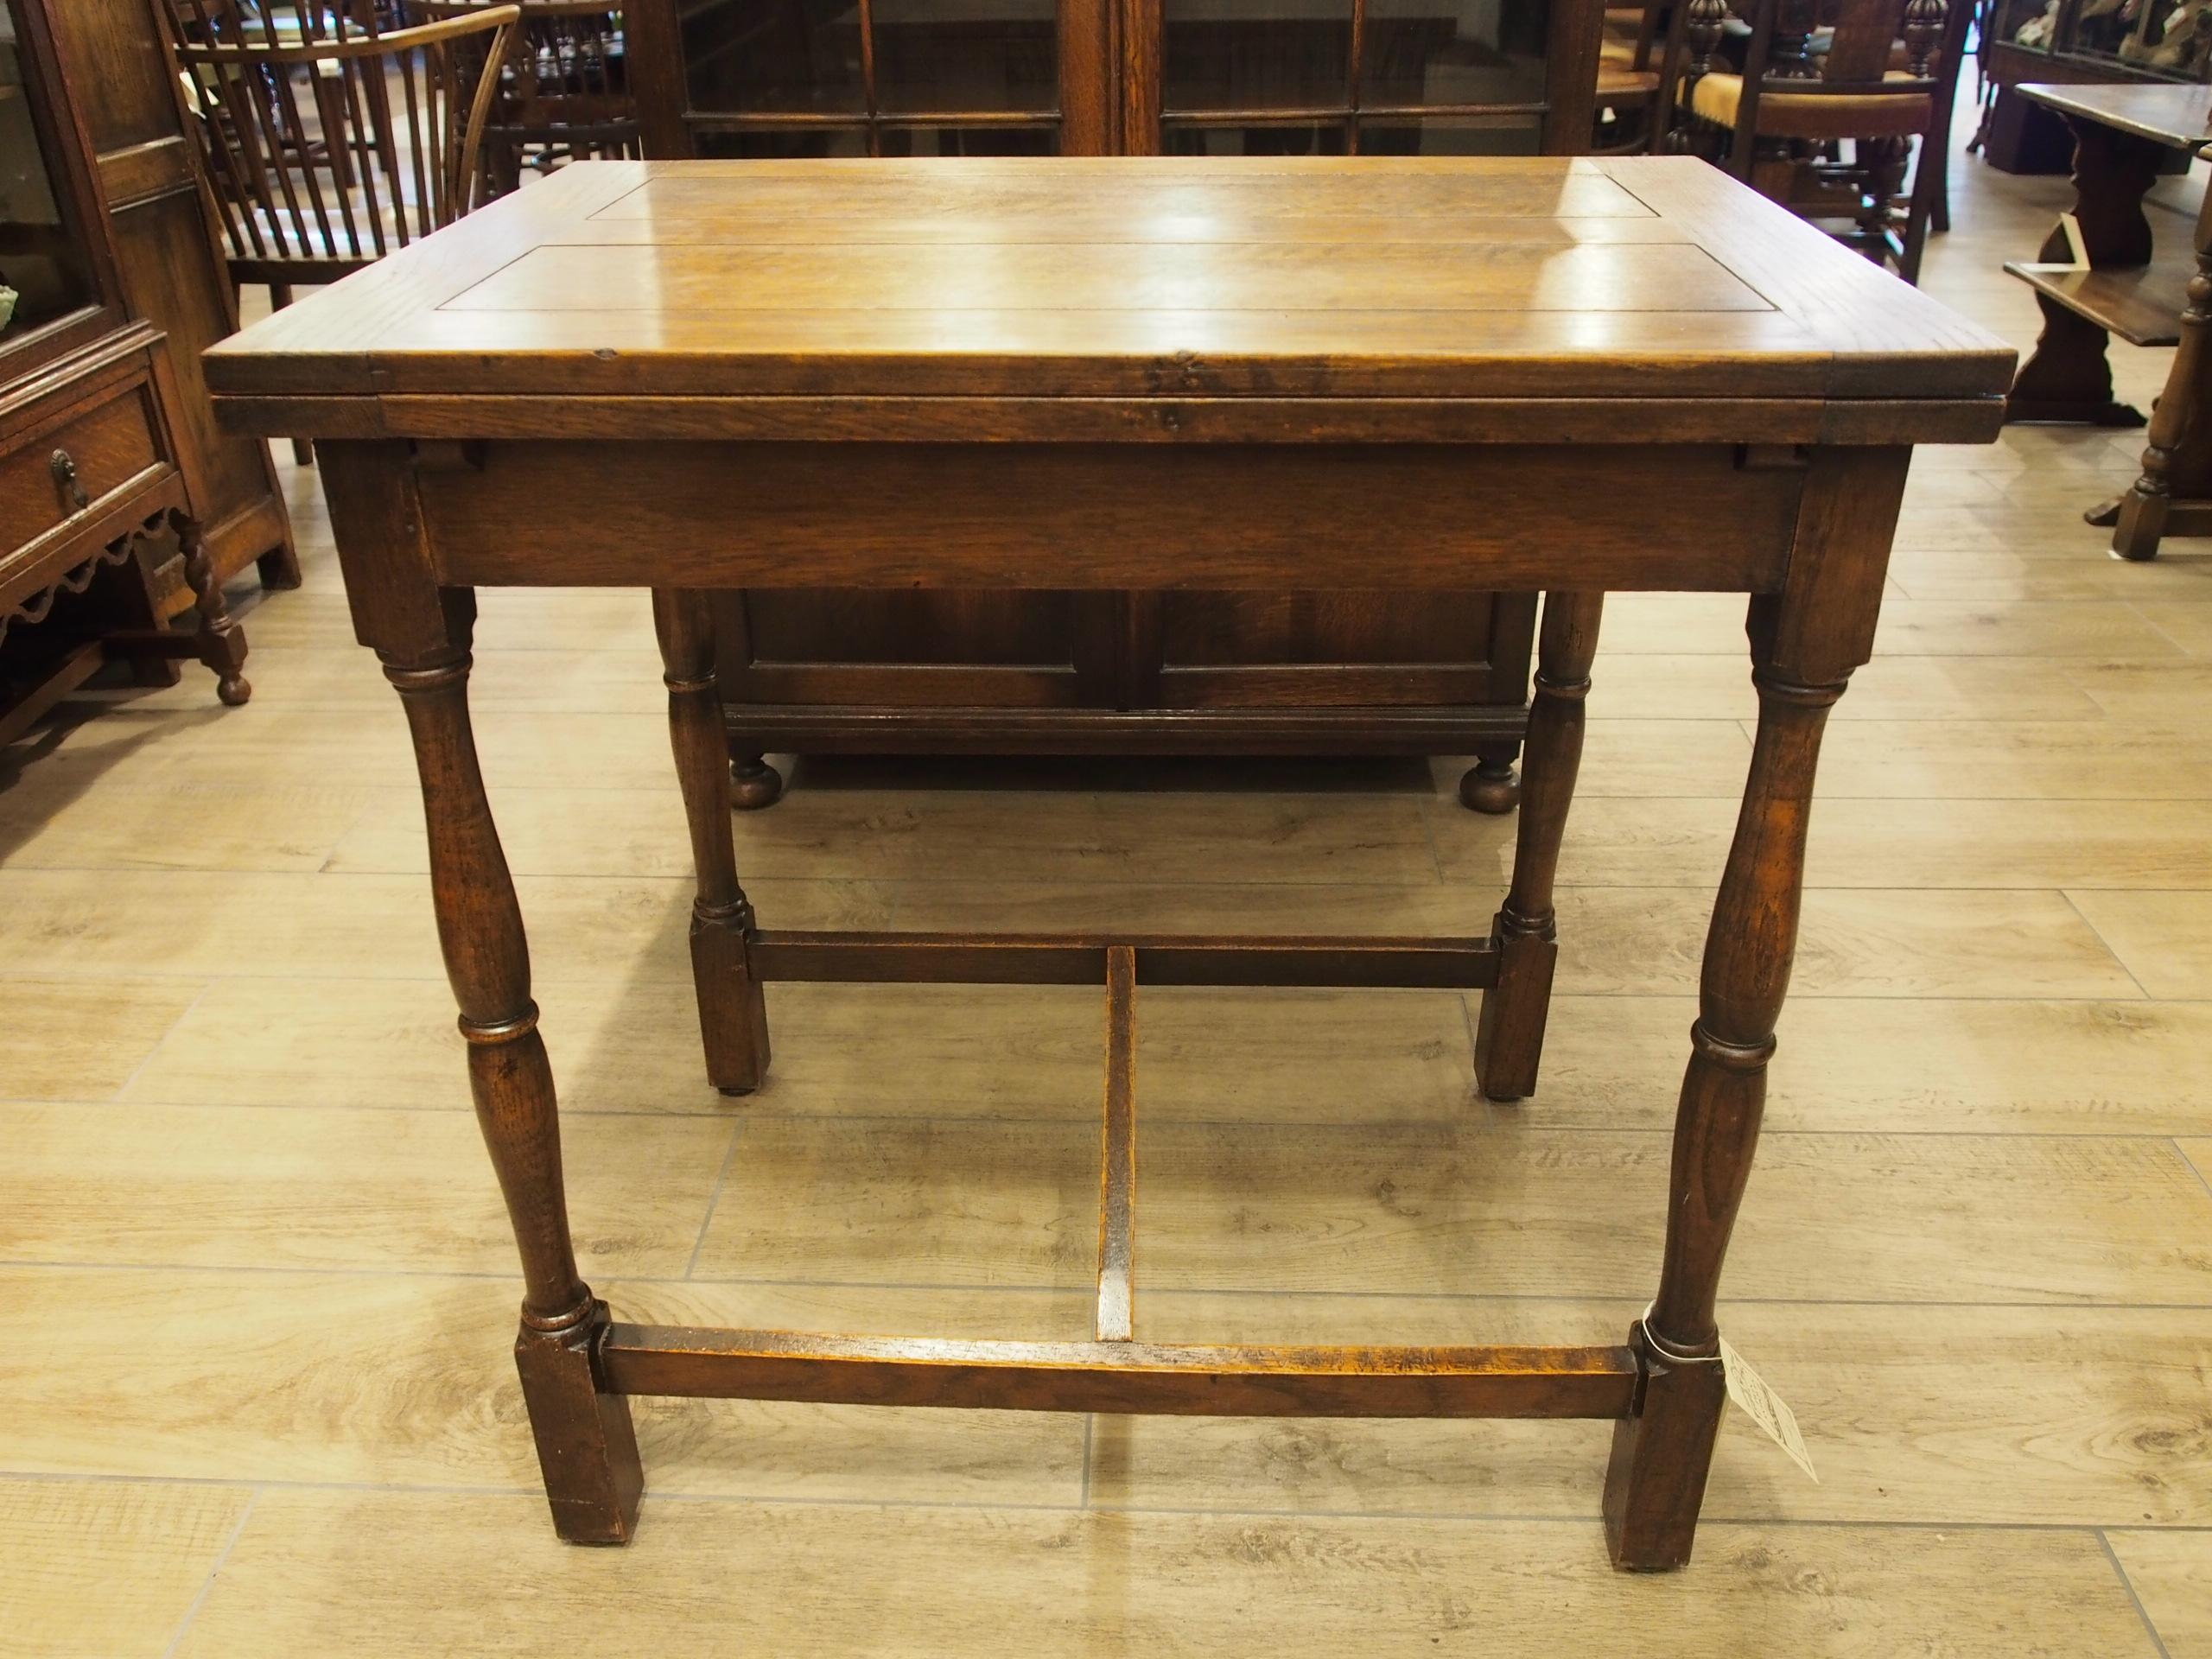 ベイキング テーブル / 17050202021 | アンティーク家具販売店【ツイン